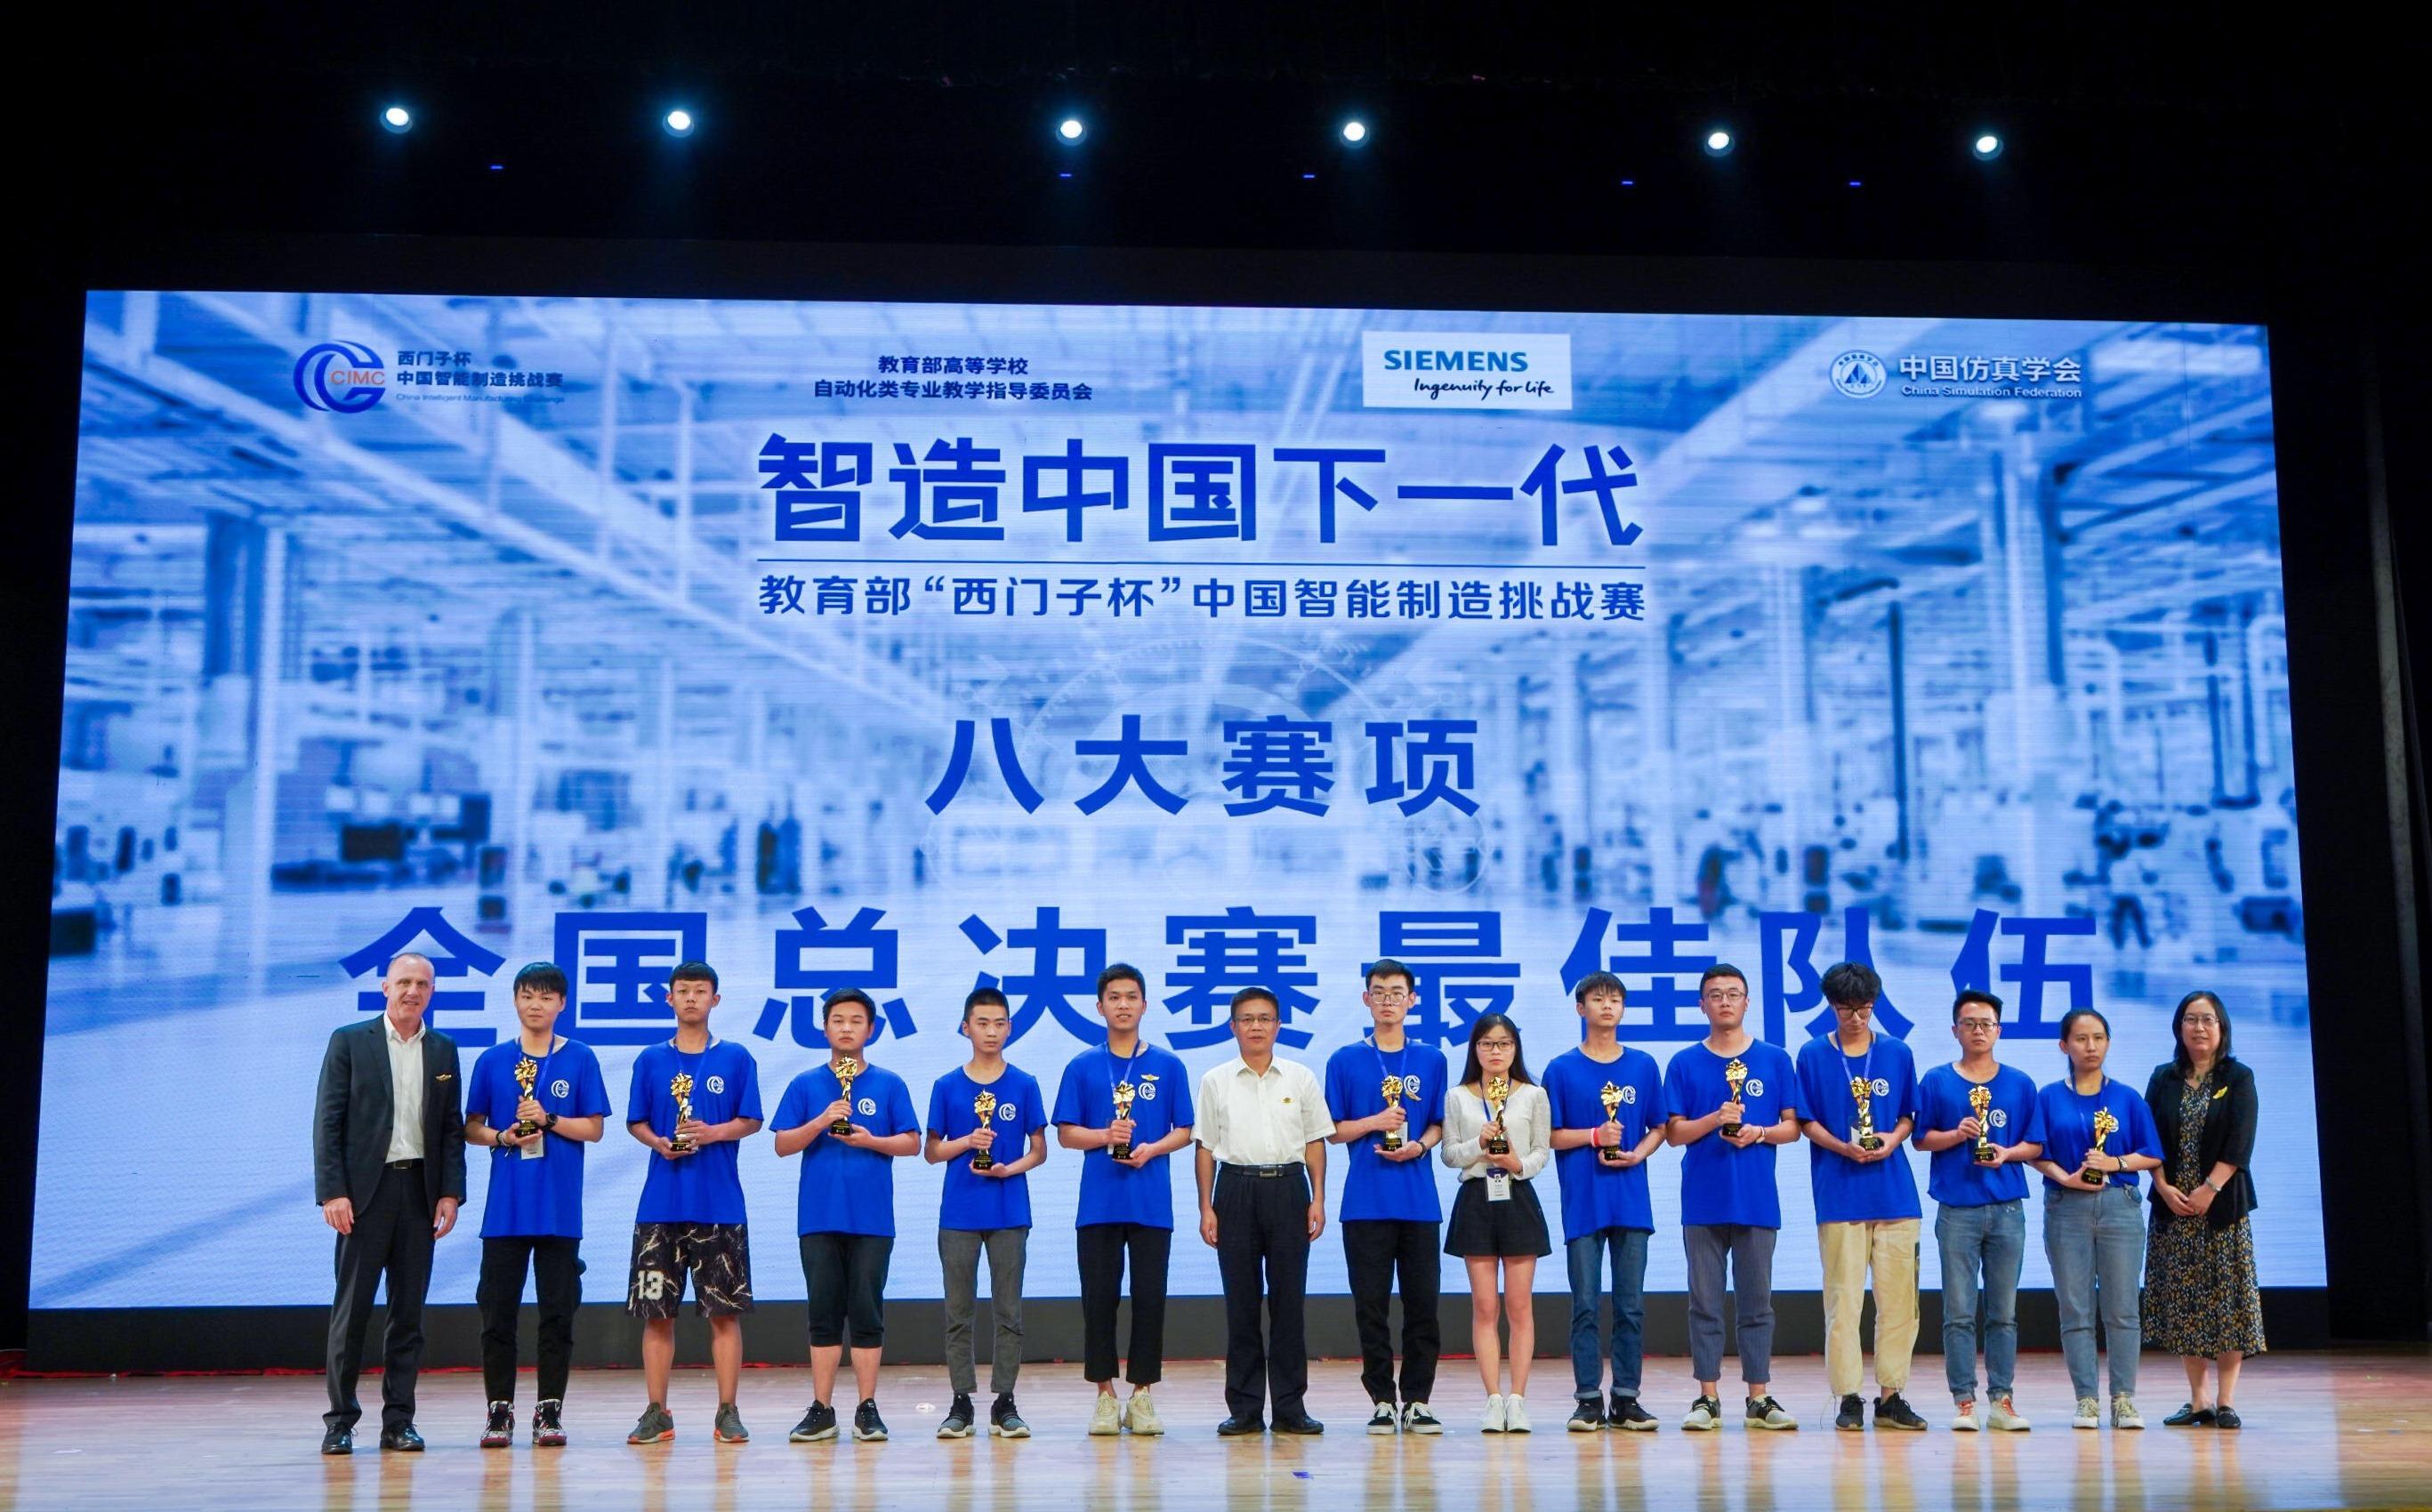 新闻图片1_西门子助力中国面向数字化时代培养新工程师